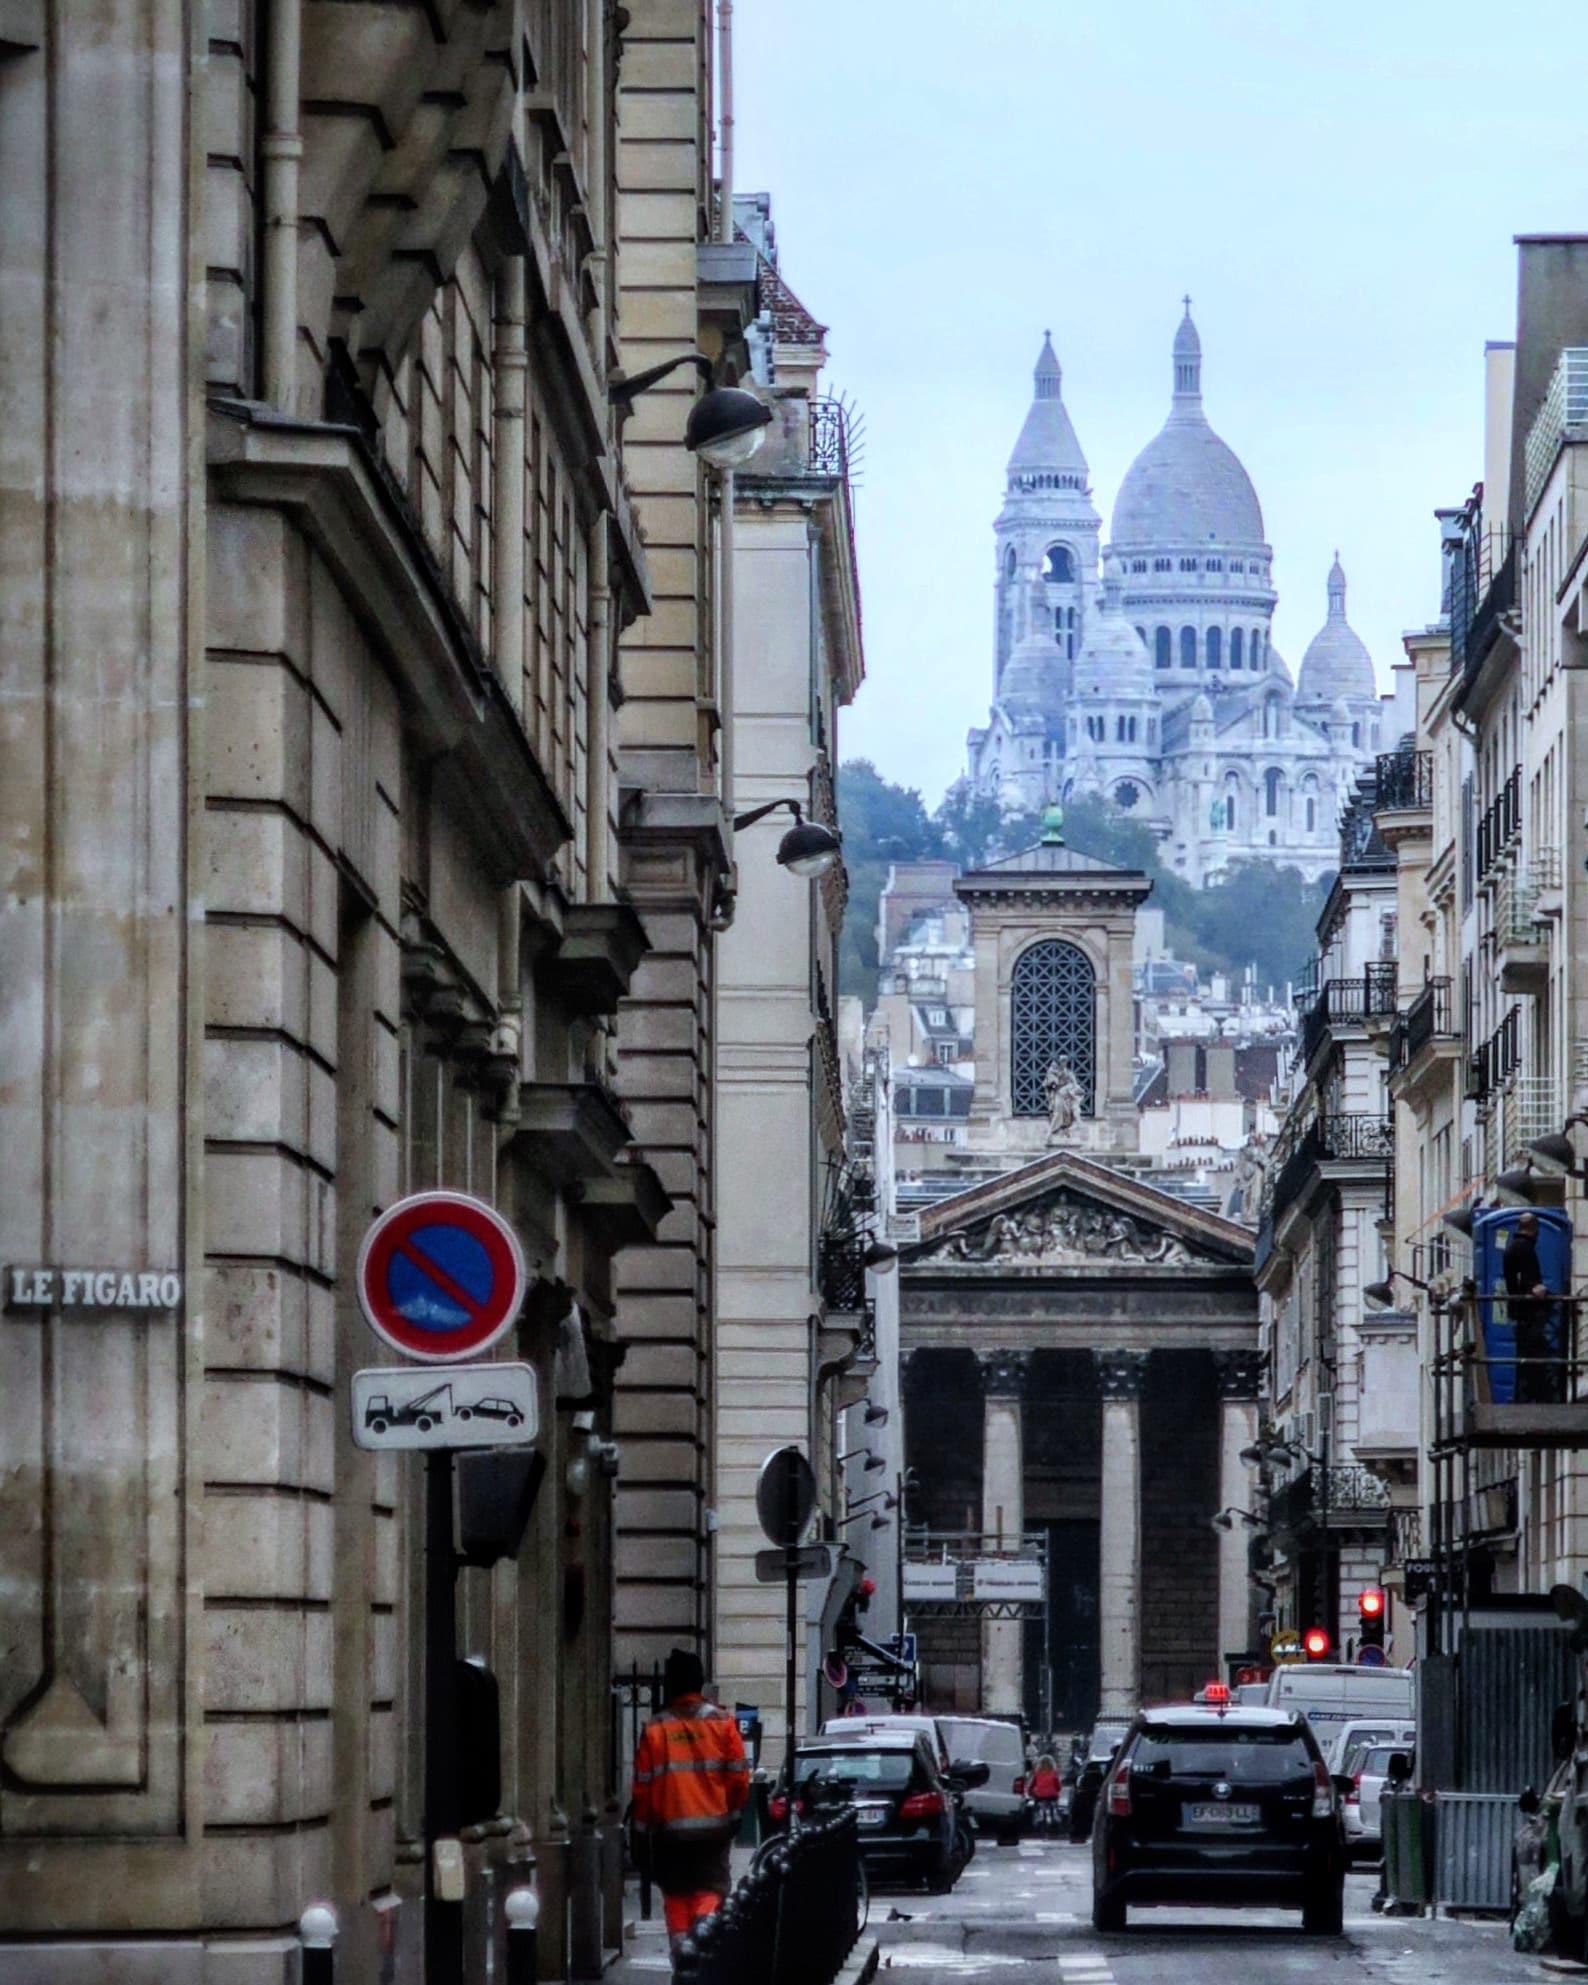 Cityguide: hotspots of Paris